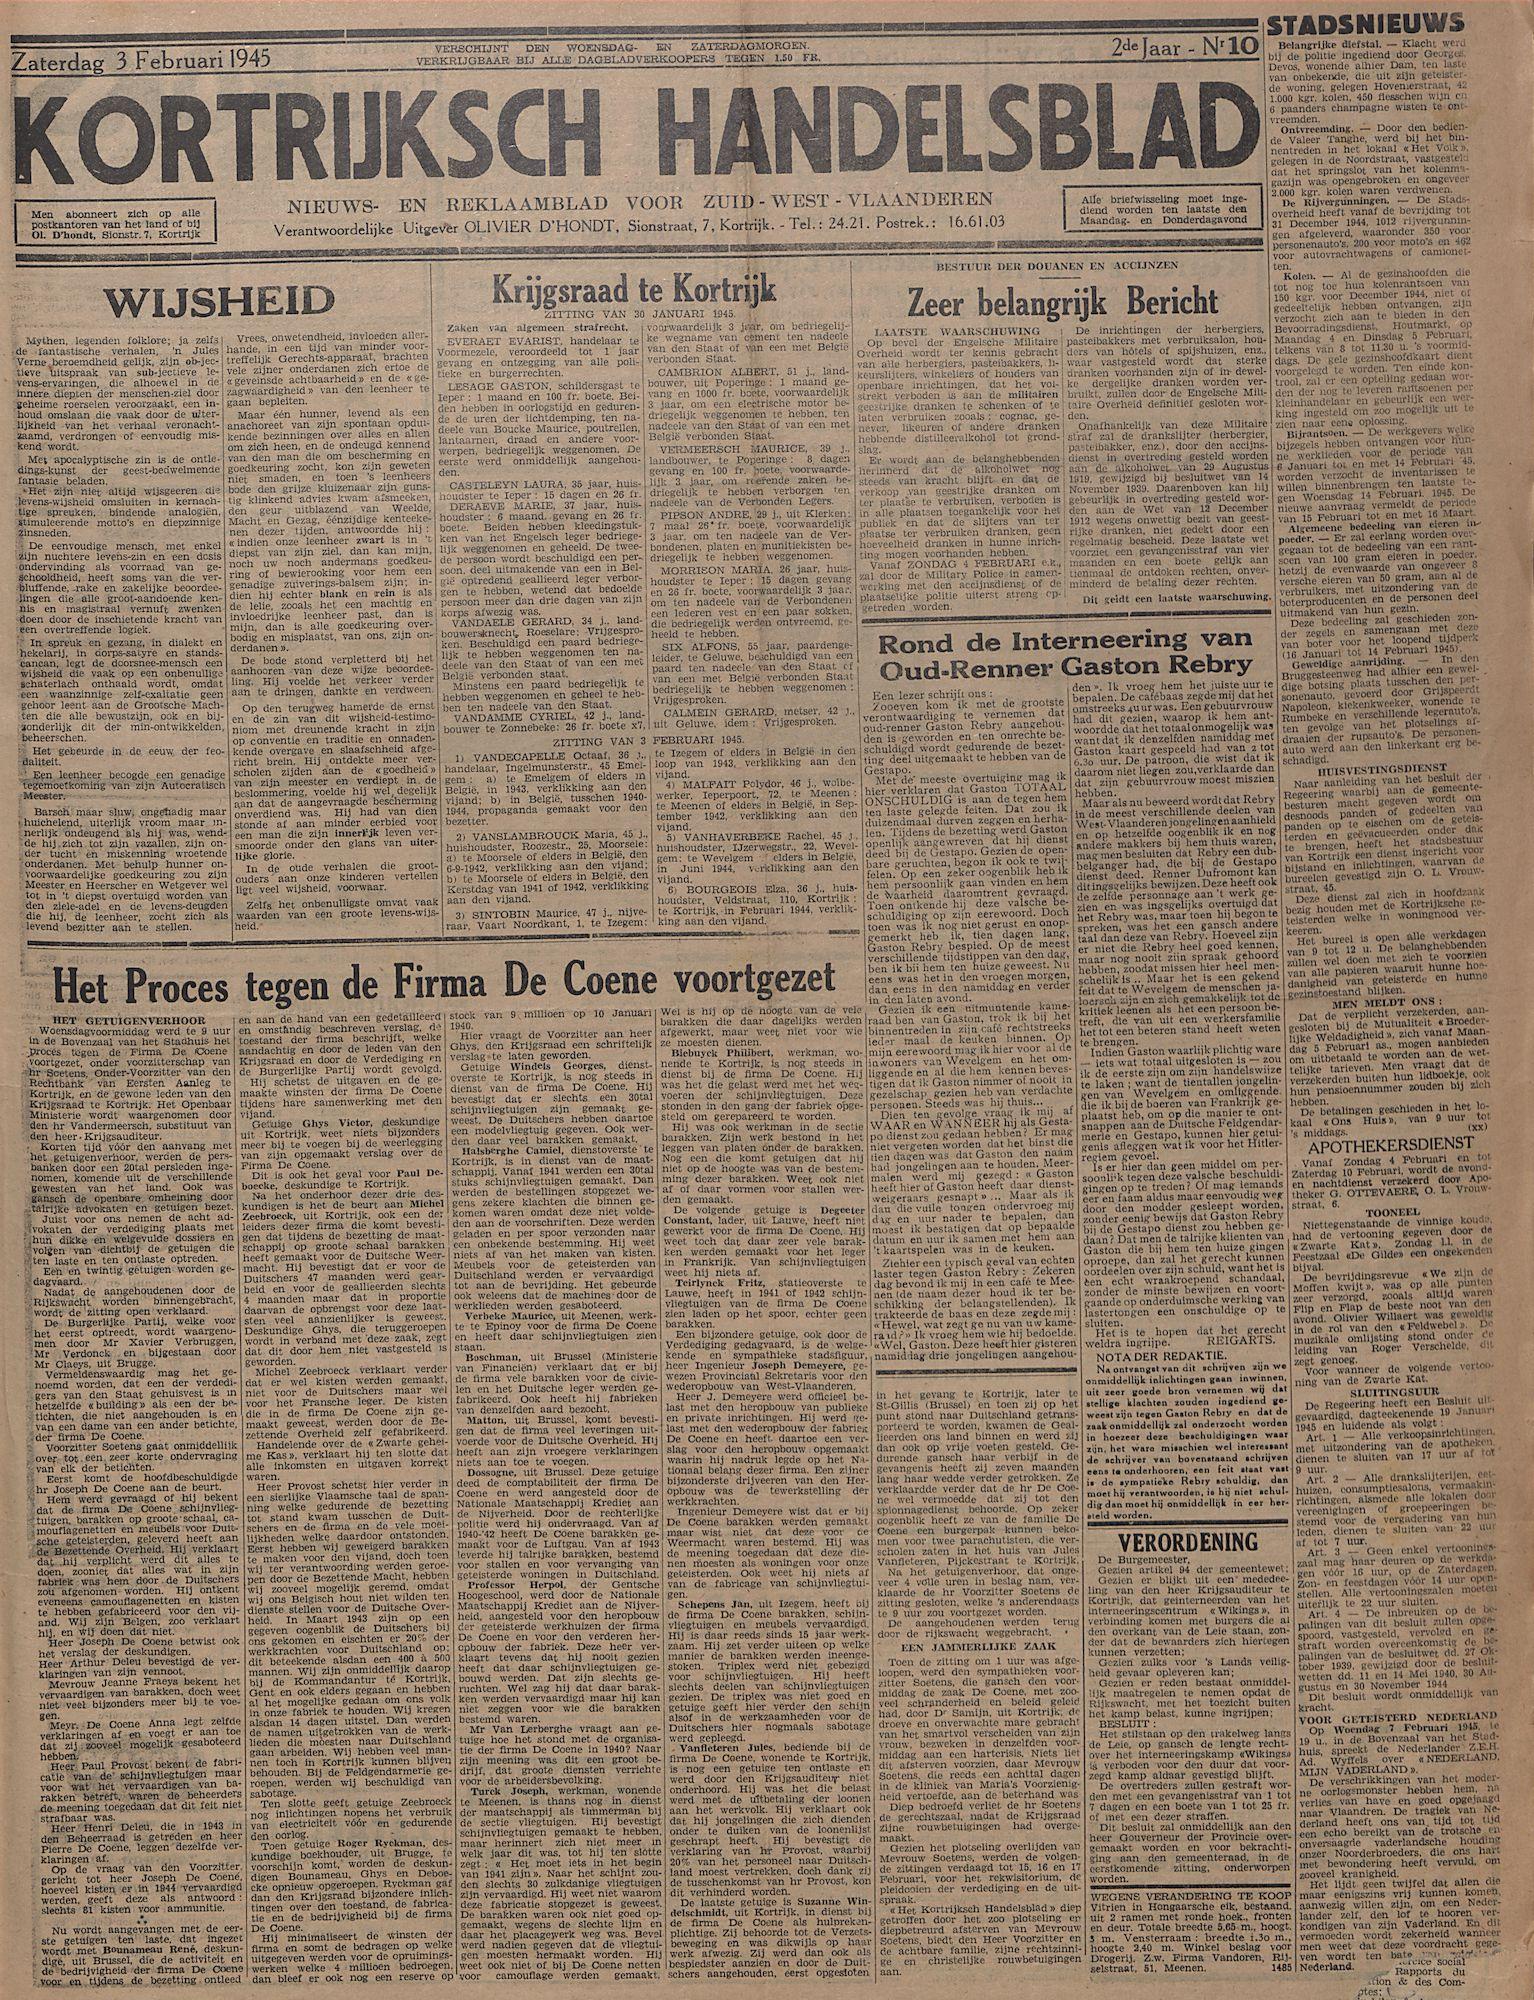 Kortrijksch Handelsblad 3 februari 1945 Nr10 p1